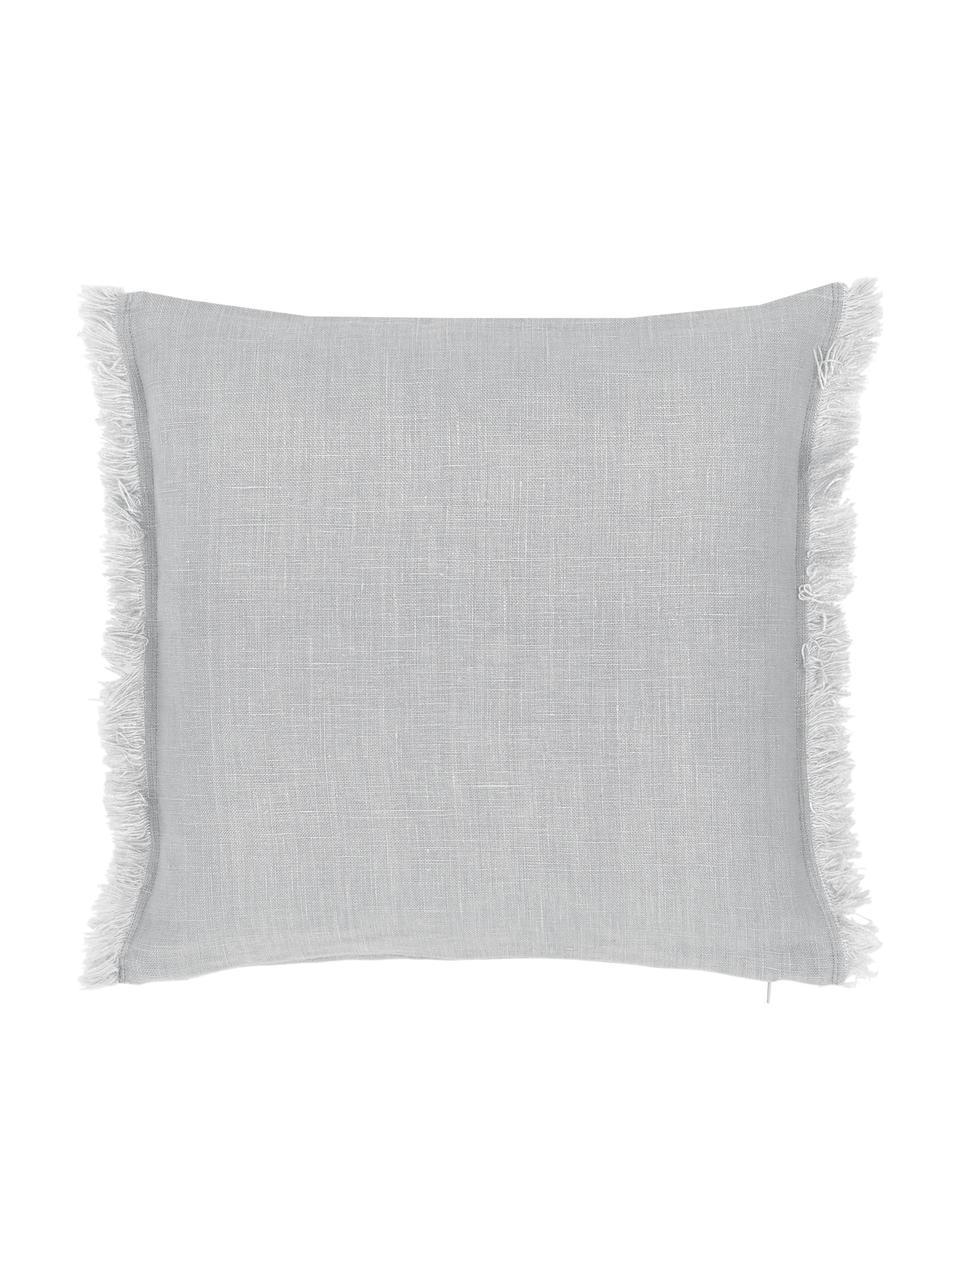 Poszewka na poduszkę z lnu z frędzlami Luana, 100% len, Jasny szary, S 40 x D 40 cm